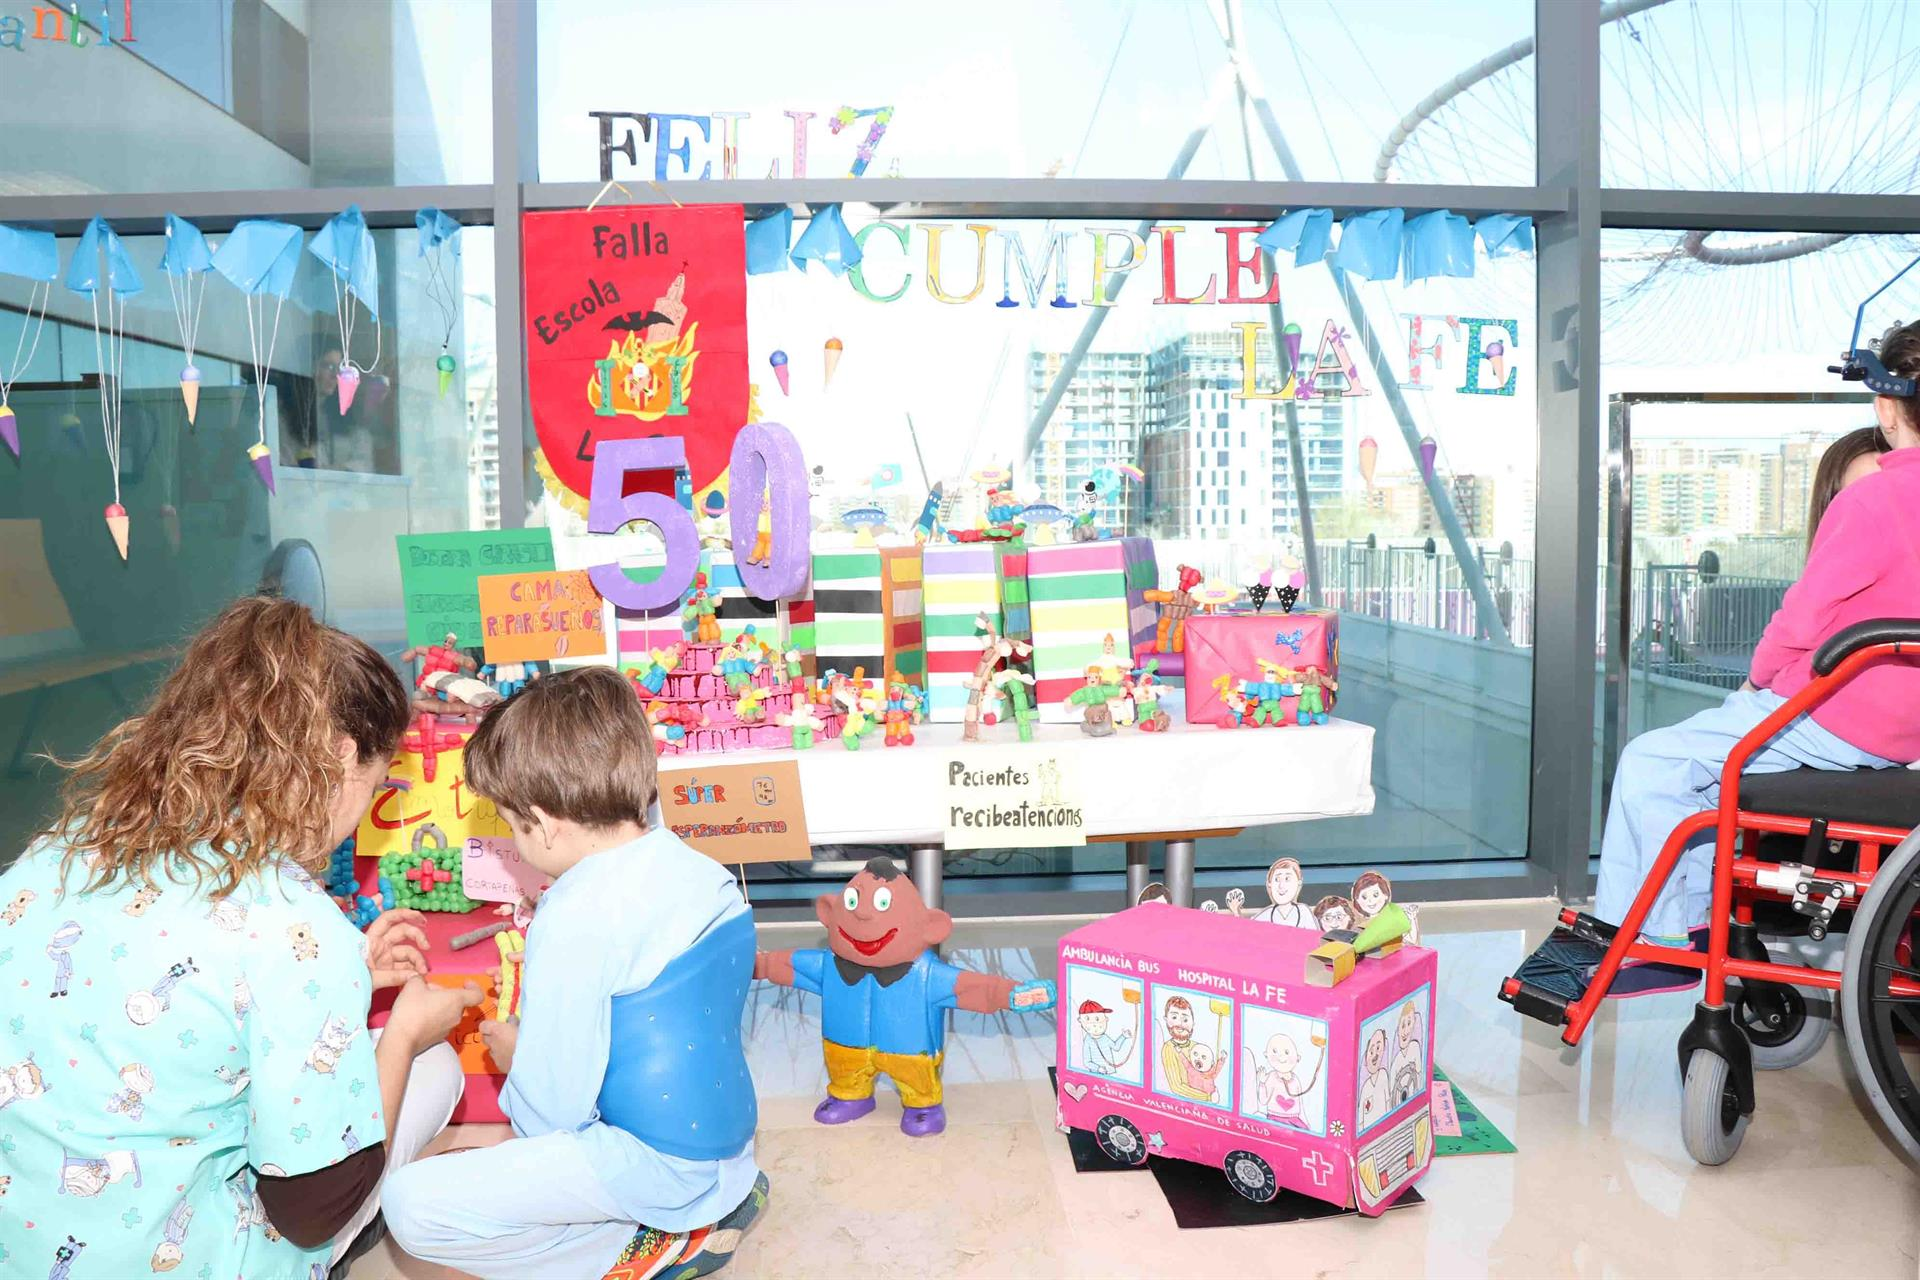 Los niños del Hospital La Fe celebran el 50 aniversario del centro con la plantá de su falla